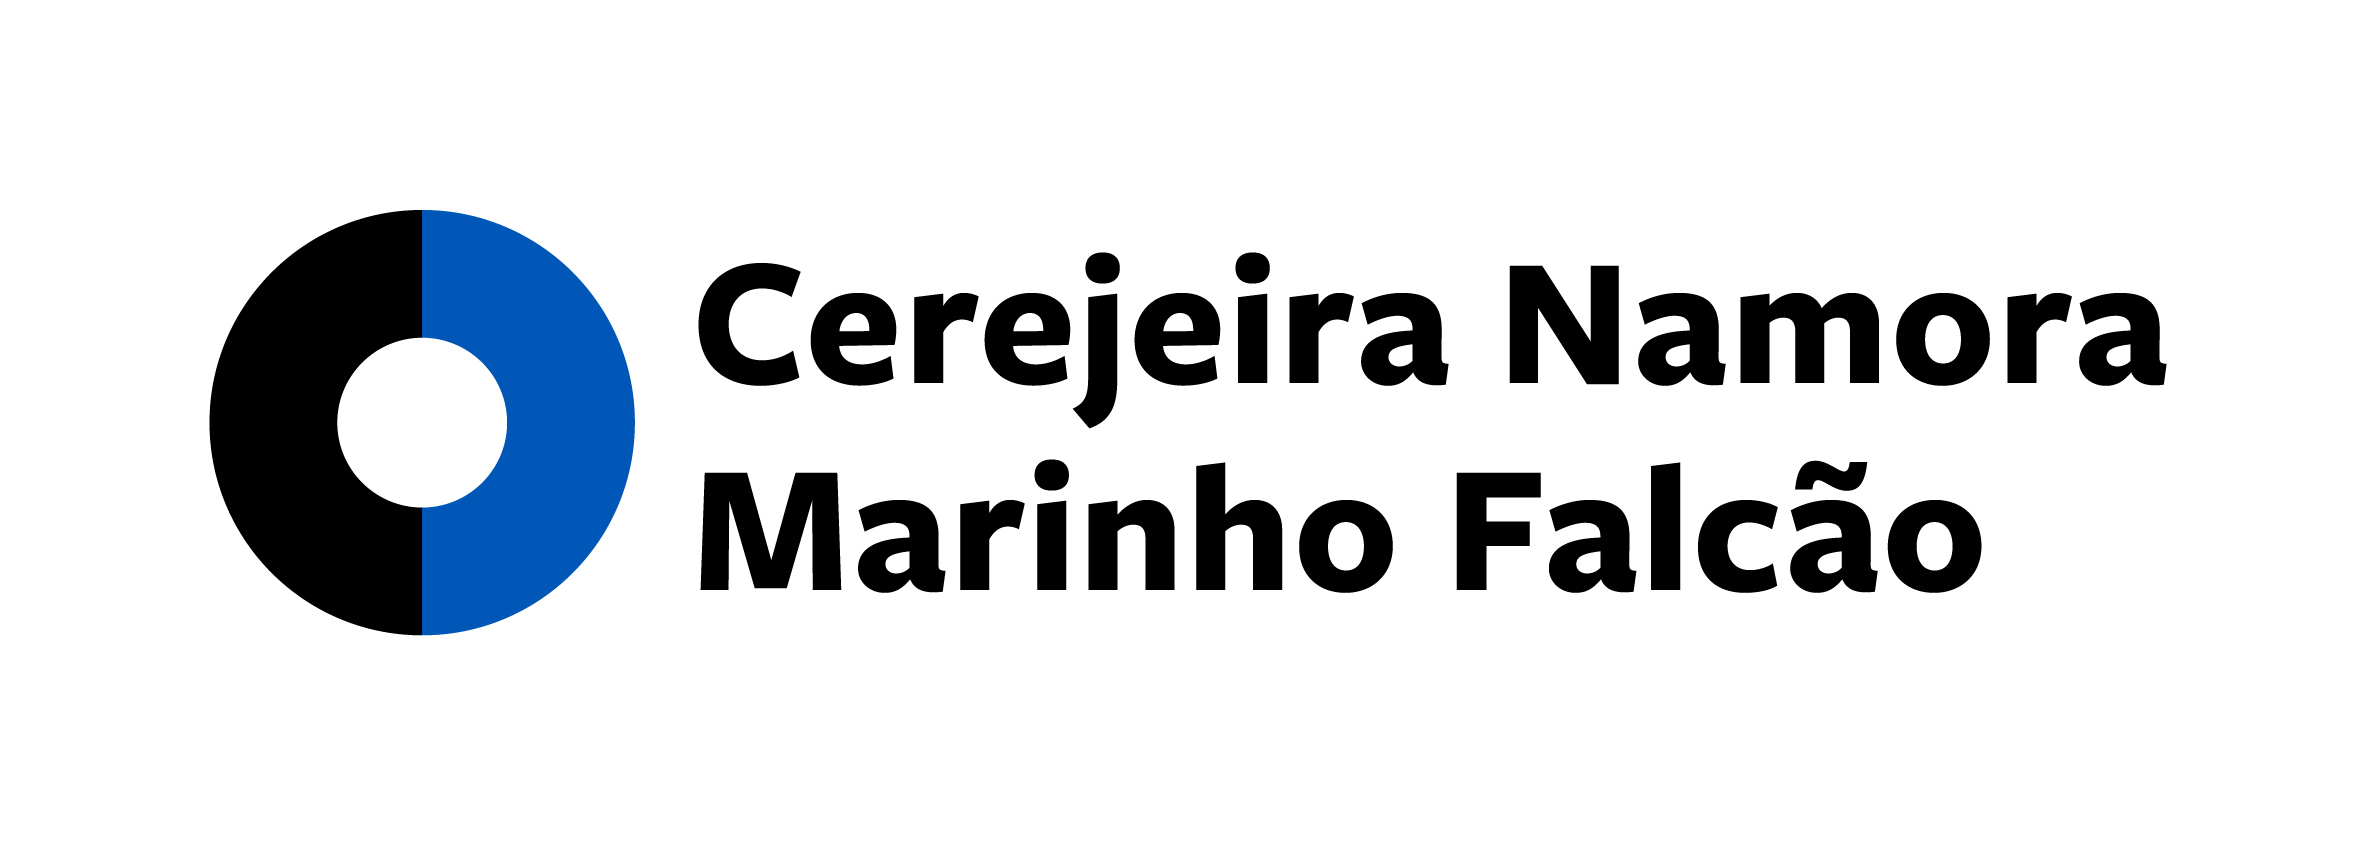 Cerejeira Namora, Marinho Falcão logo